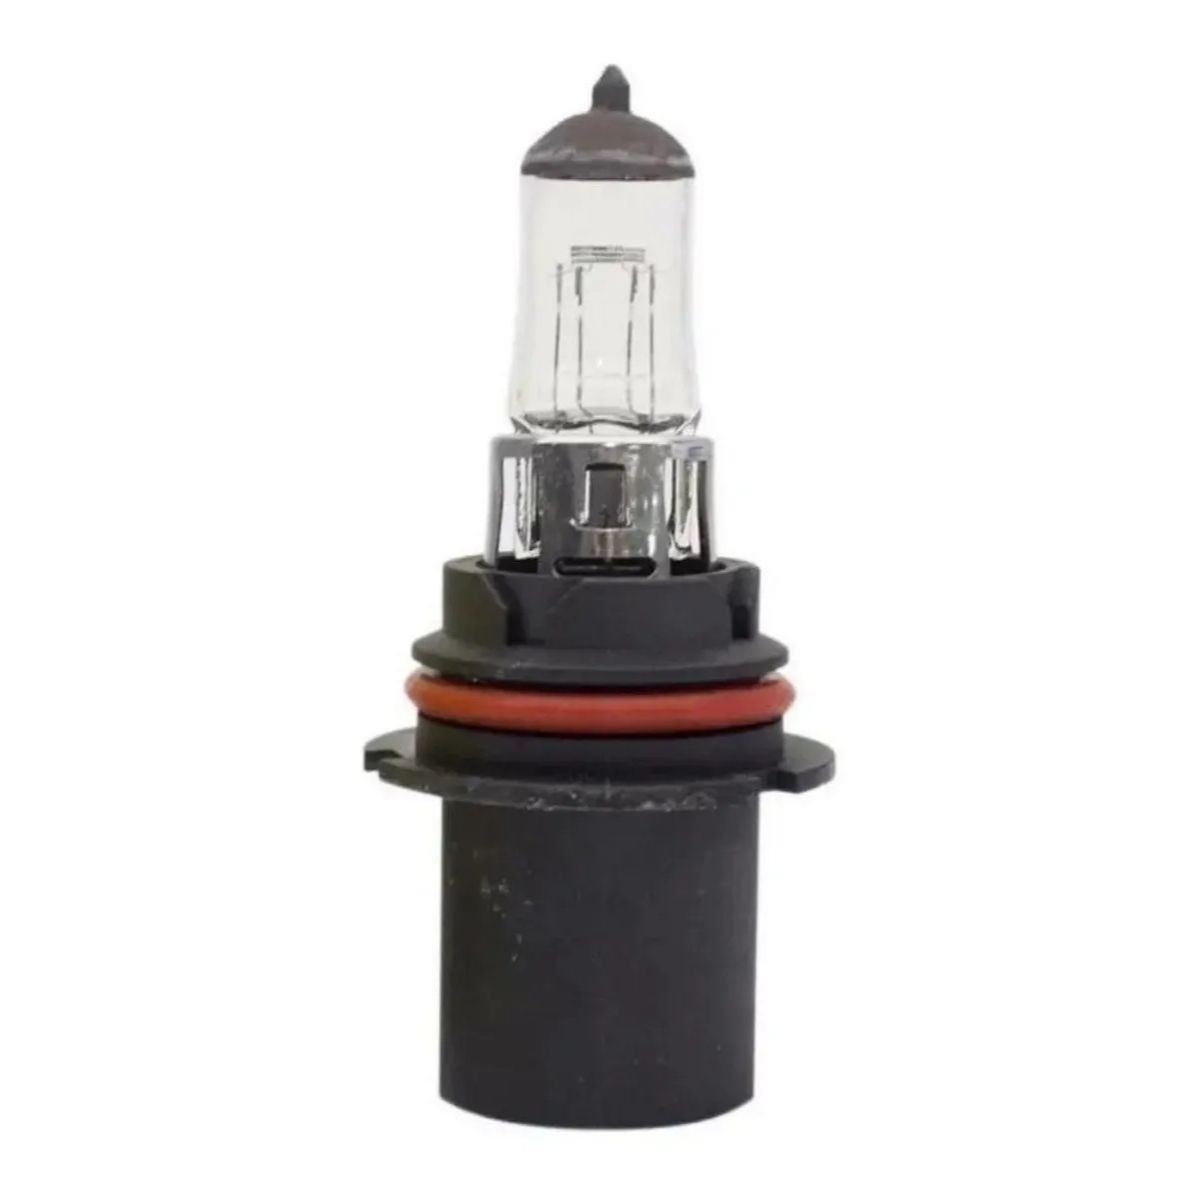 Lâmpada Hb1 12v 65/45w - Liquidação